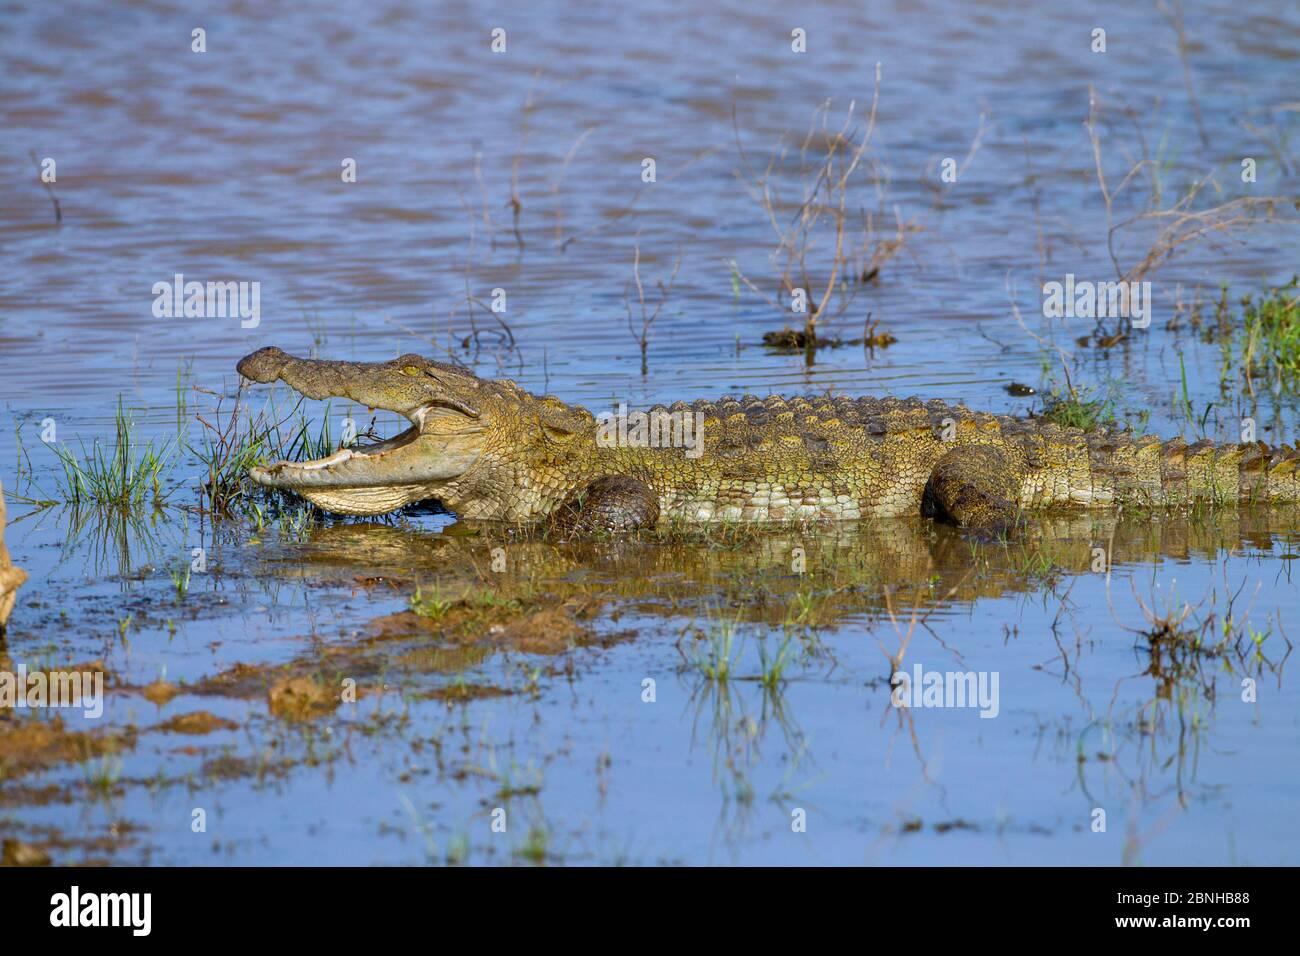 Coccodrillo di acqua salata (Crocodylus porosus) termoregolato con bocca aperta. Parco Nazionale di Yala, Sri Lanka, marzo. Foto Stock